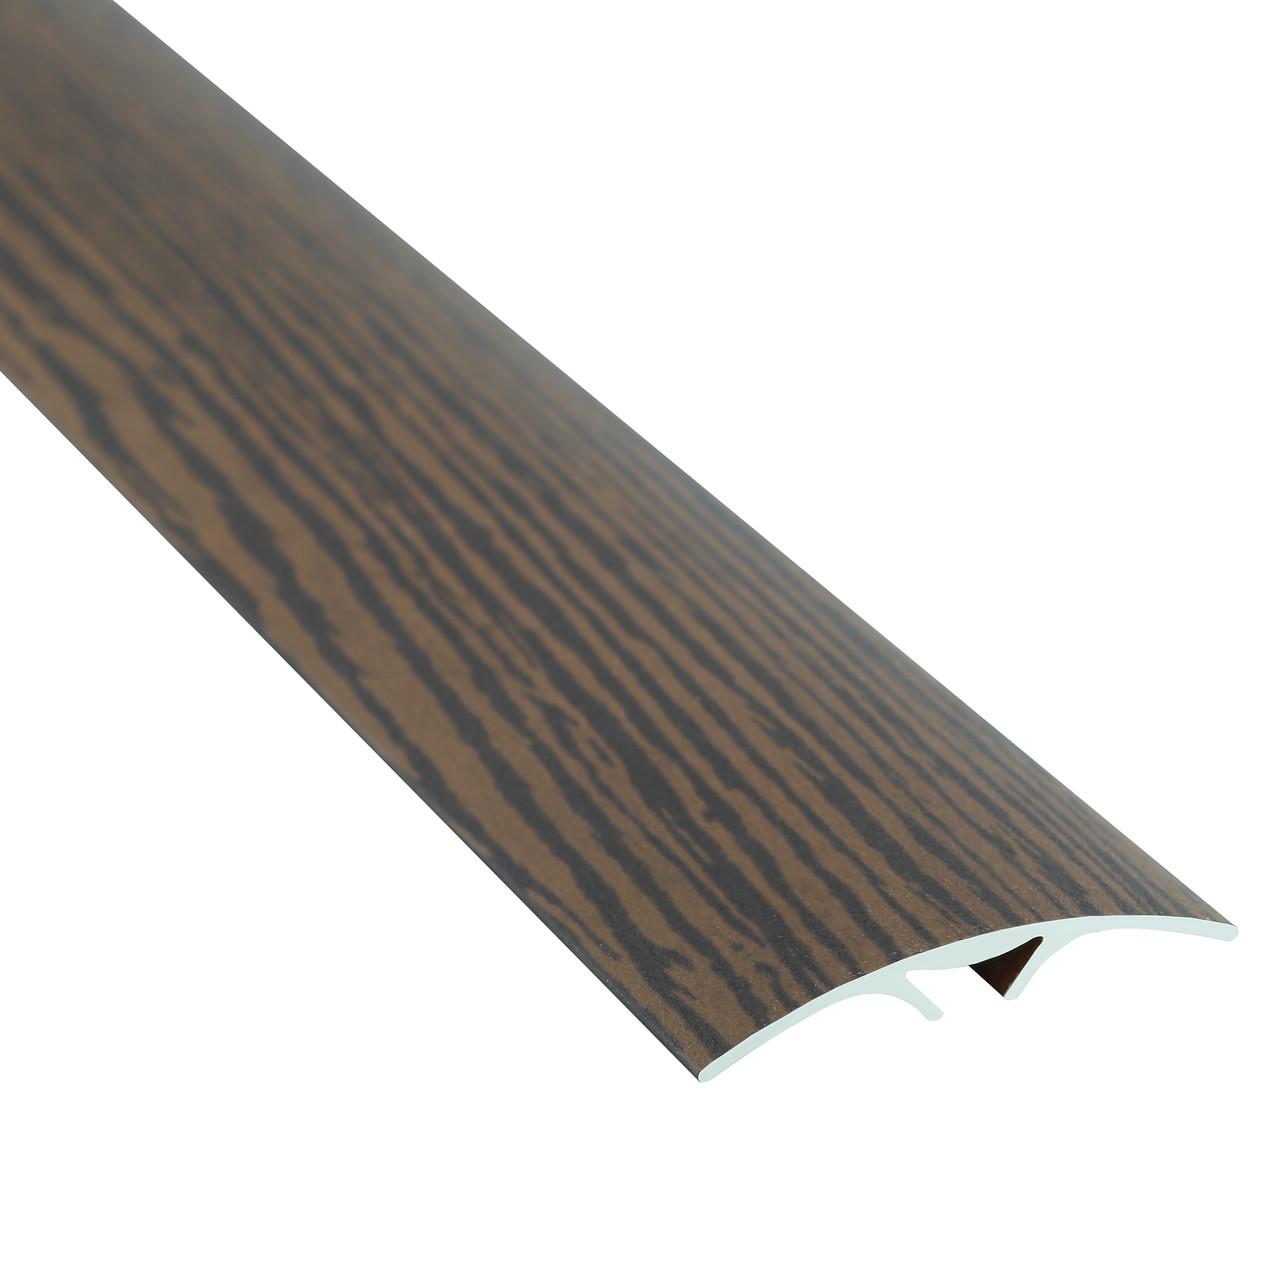 Алюминиевый профиль одноуровневый гладкий (скрытая система крепления) 40мм х 2.7 м венге светлый